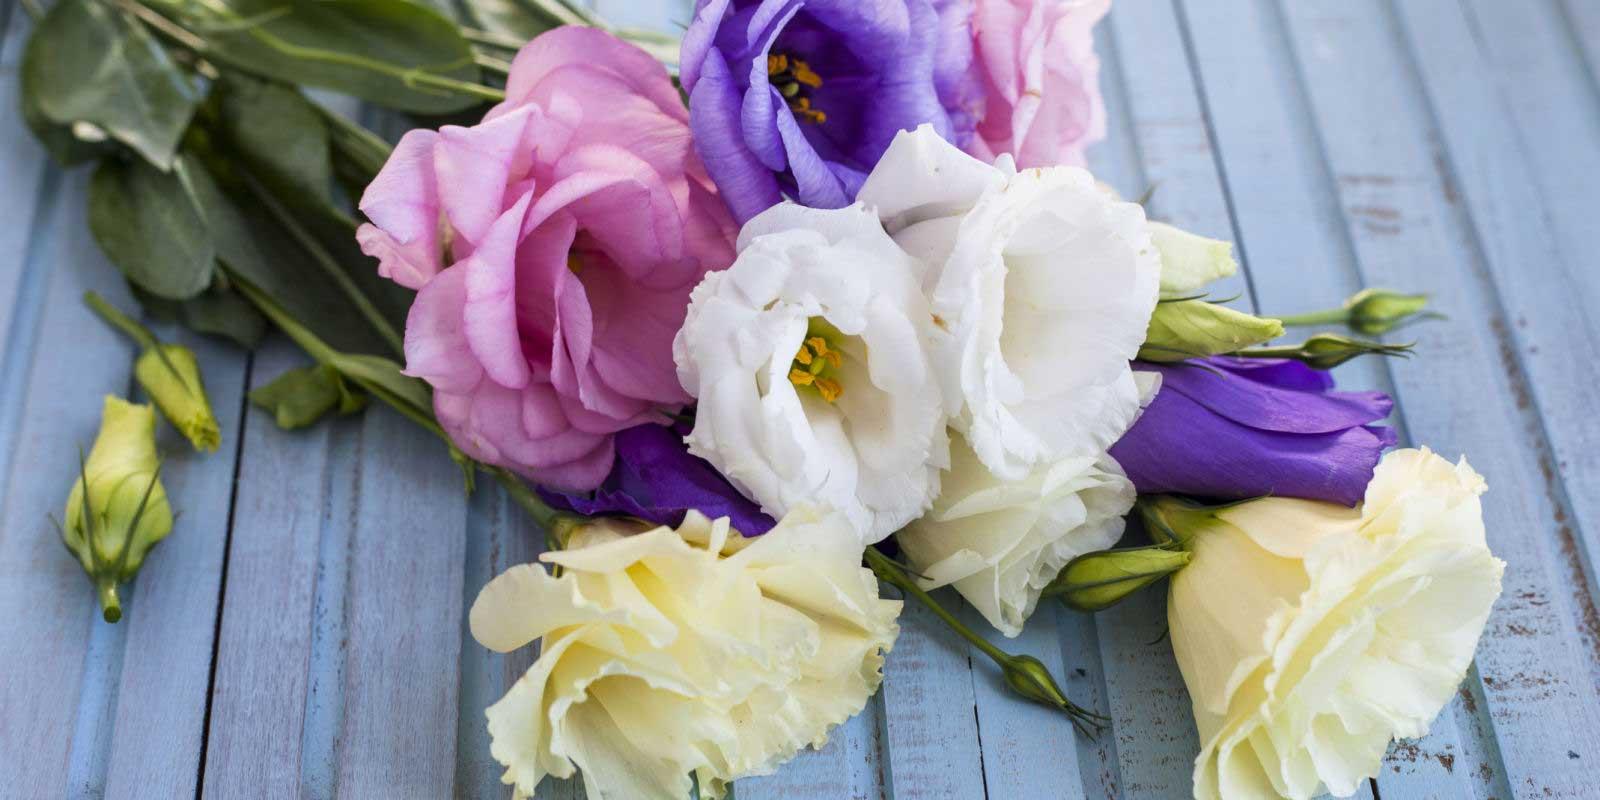 چگونه عمر گل های شاخه بریده را افزایش دهیم؟